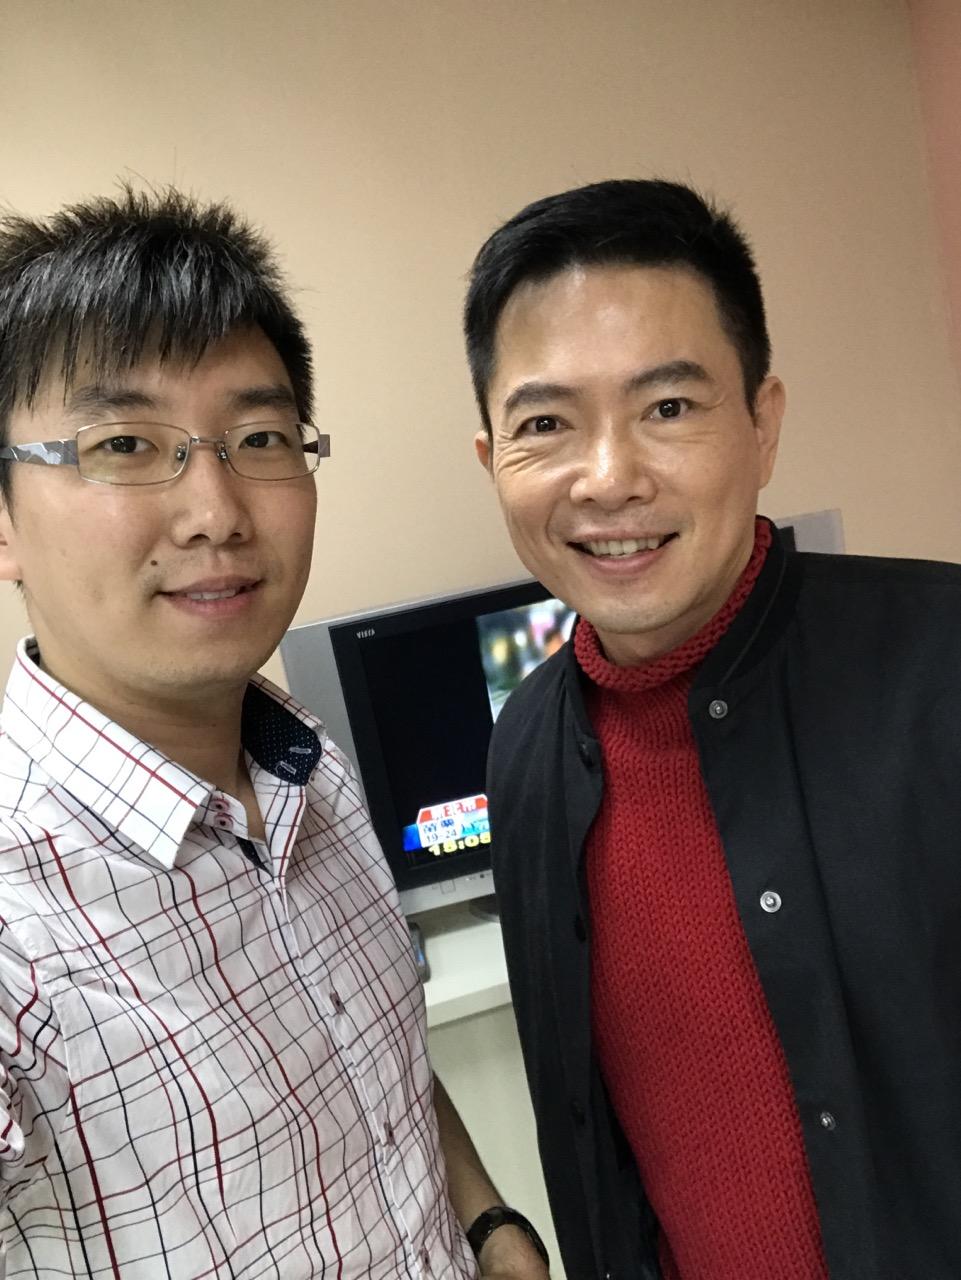 許哲瑜在擔任華視國際編譯期間,與主播合照。照片提供/許哲瑜